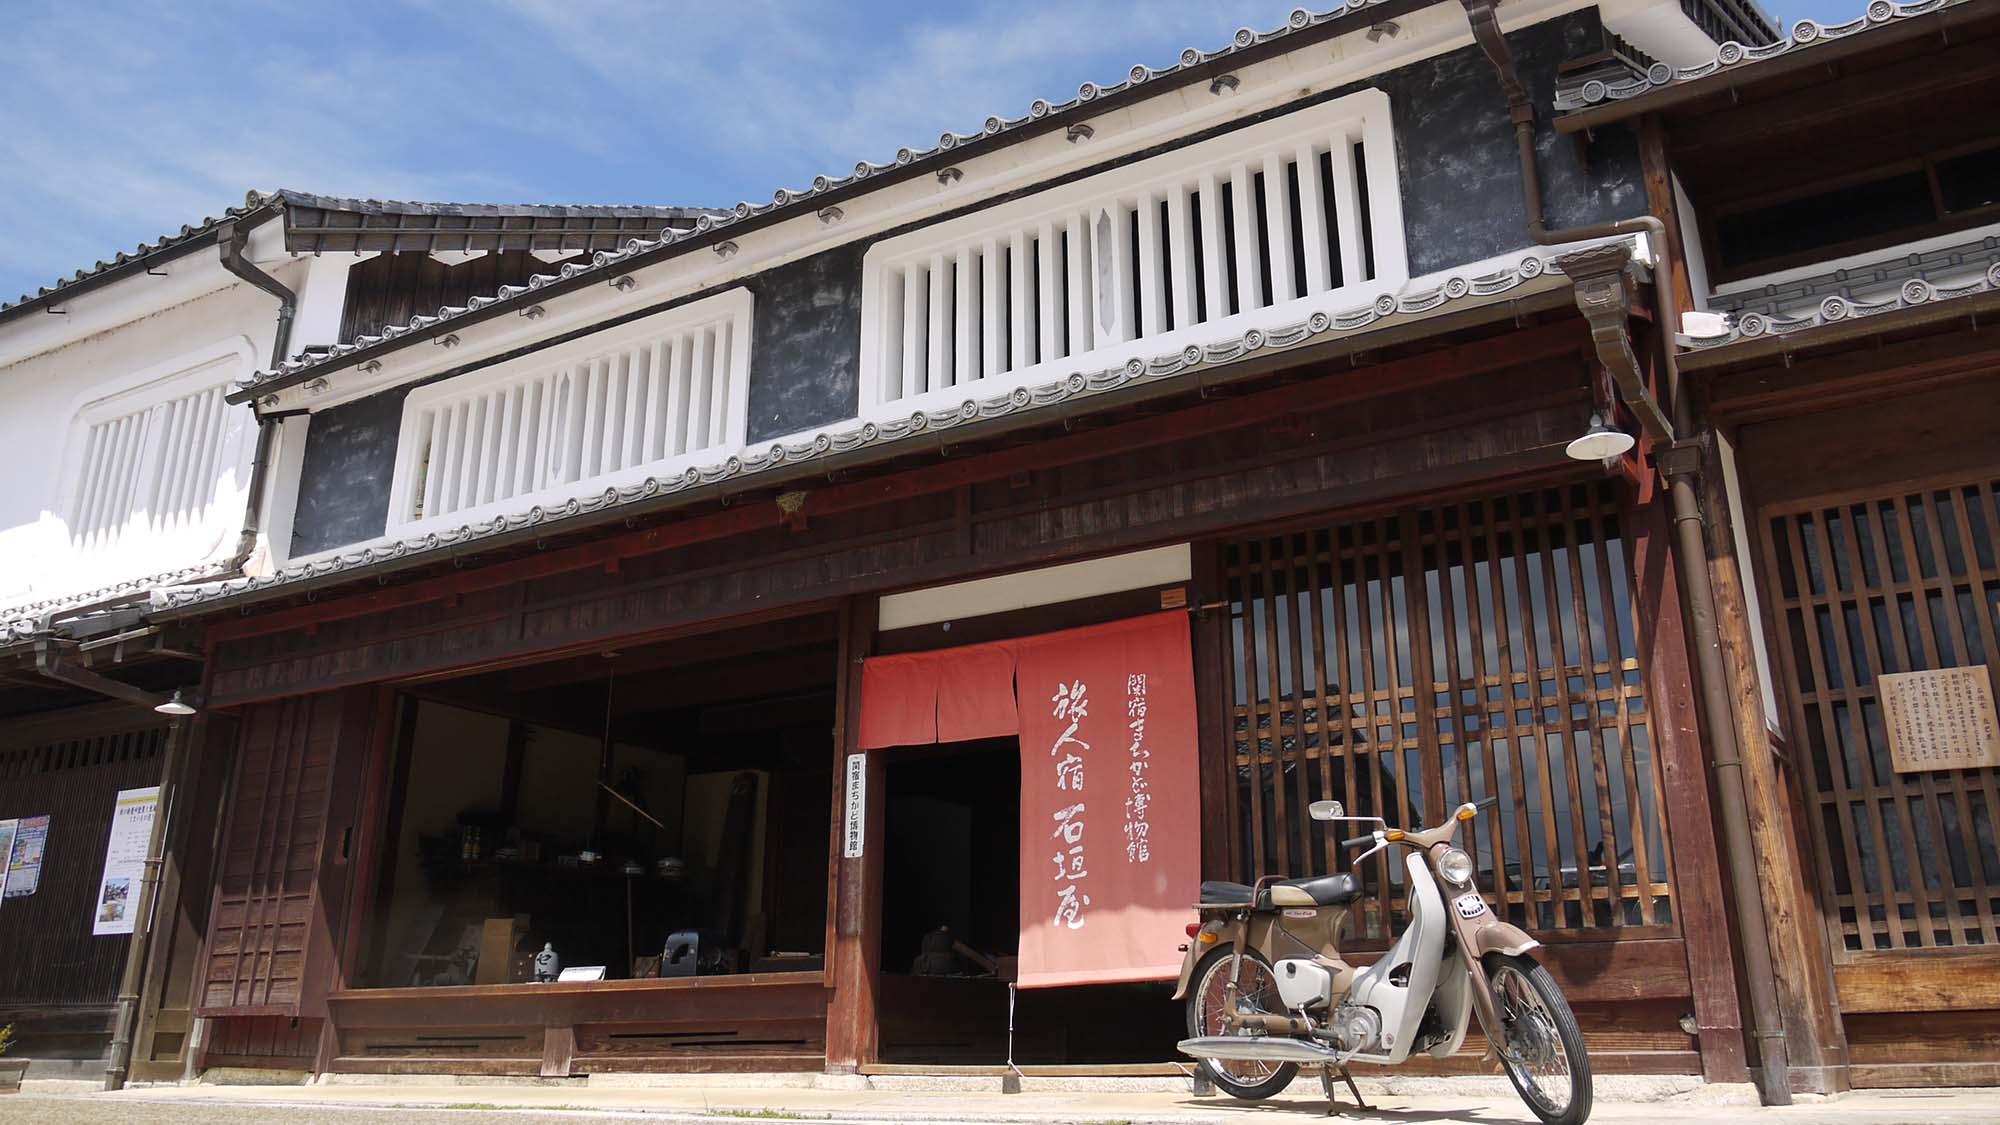 三重の古民家ゲストハウス 旅人宿 石垣屋